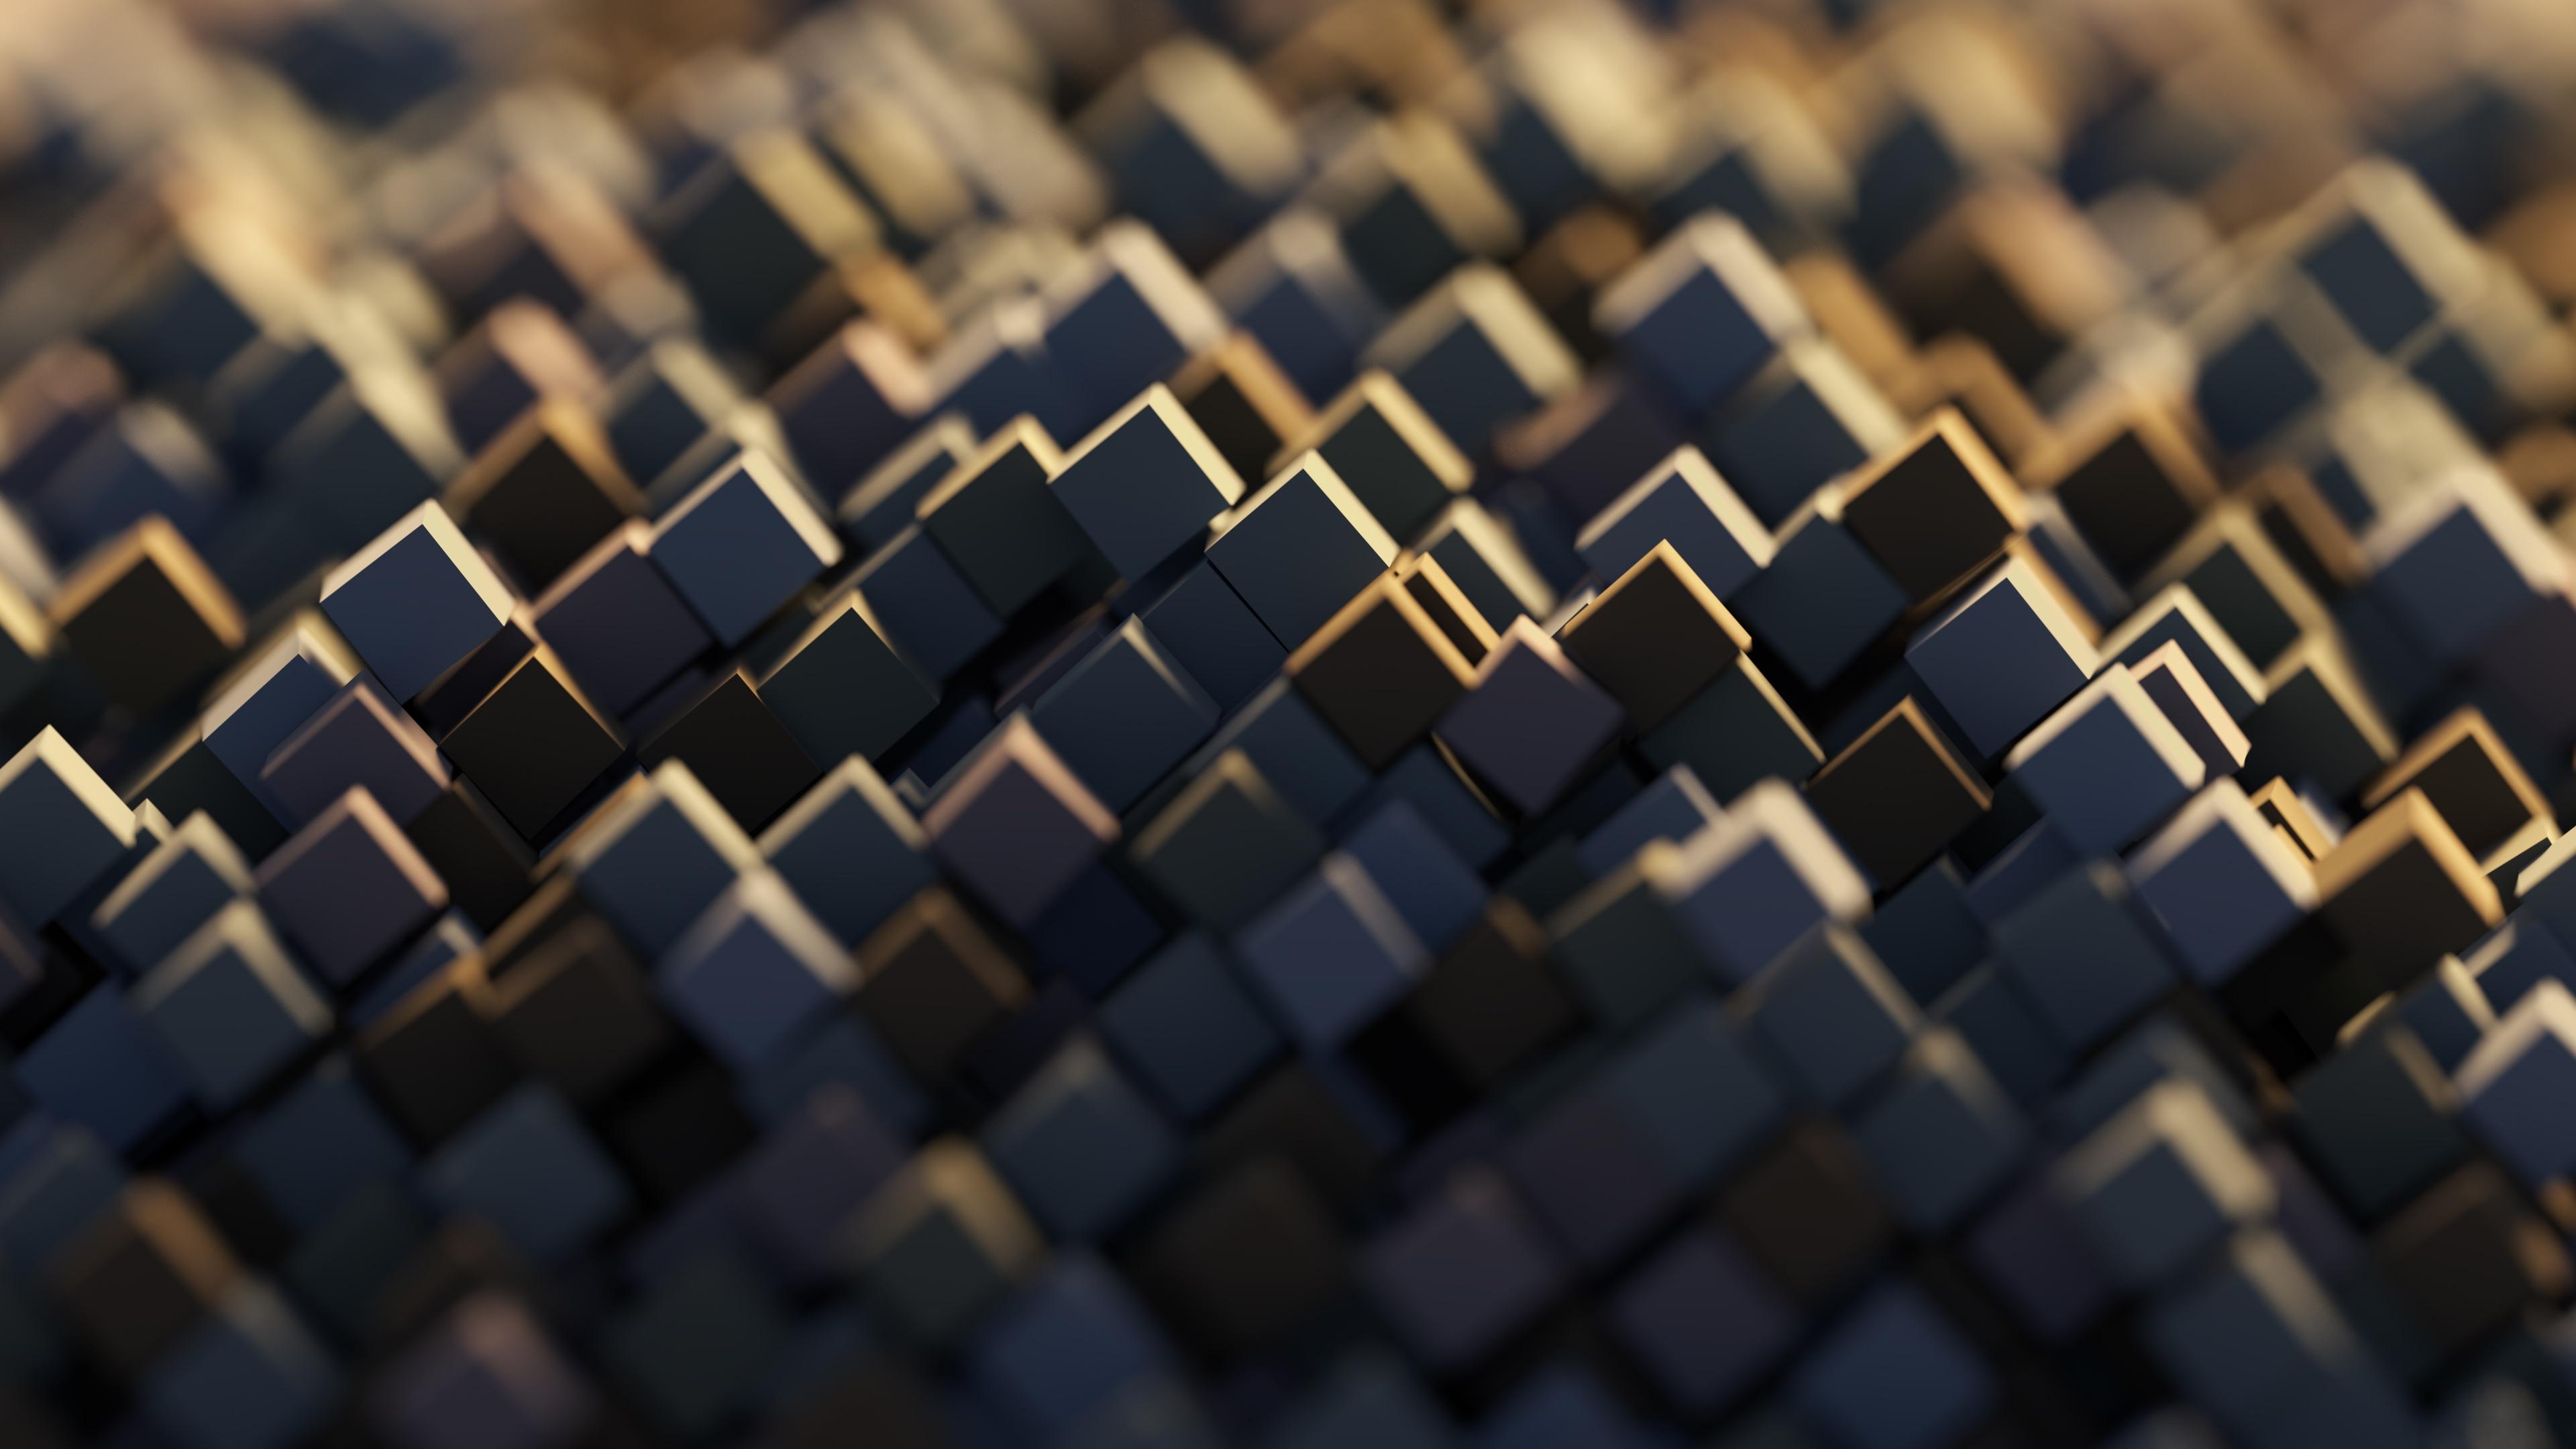 Геометрические грани кубиков в отблесках и бликах солнечного света